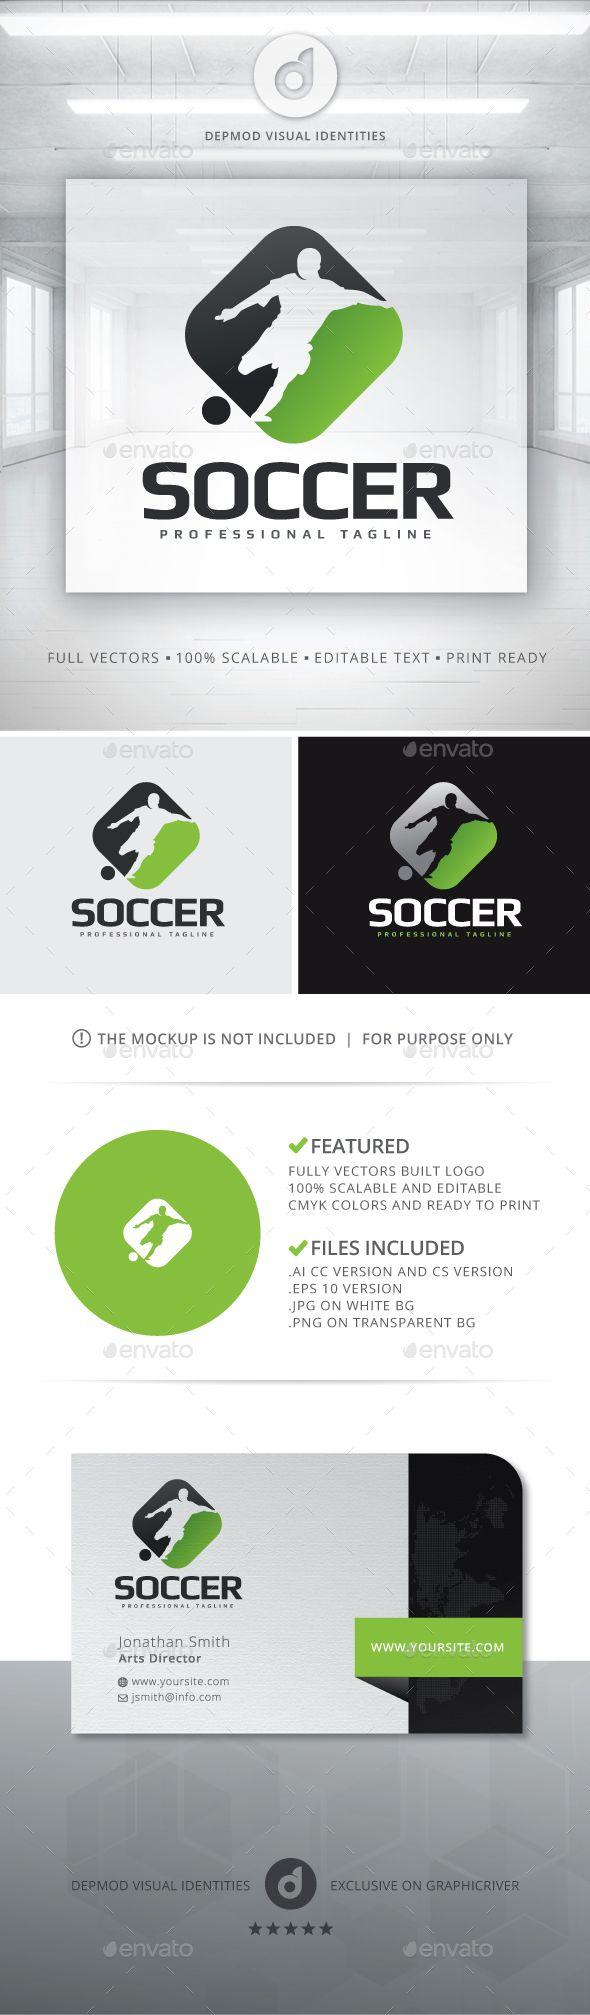 Soccer Logo Template Vector EPS, AI. Download here: http://graphicriver.net/item/soccer-logo/13454654?ref=ksioks